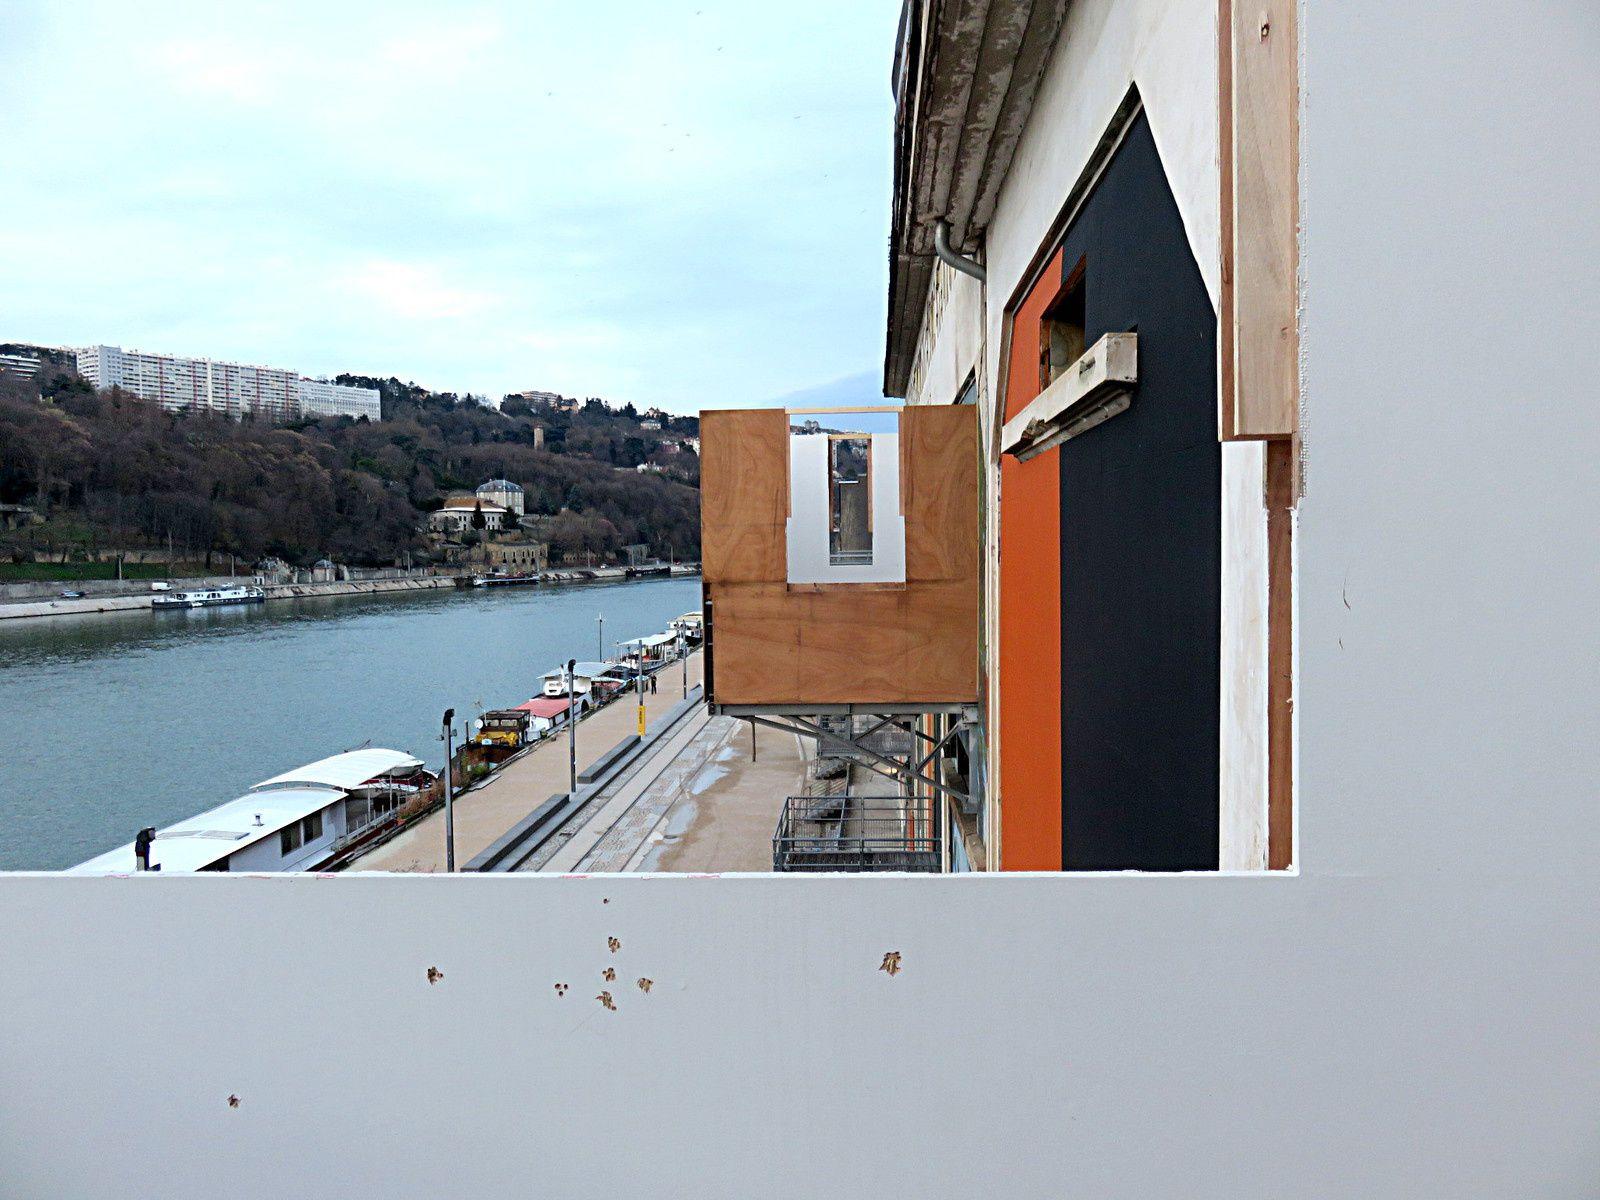 Démontage / 13e Biennale d'art contemporain